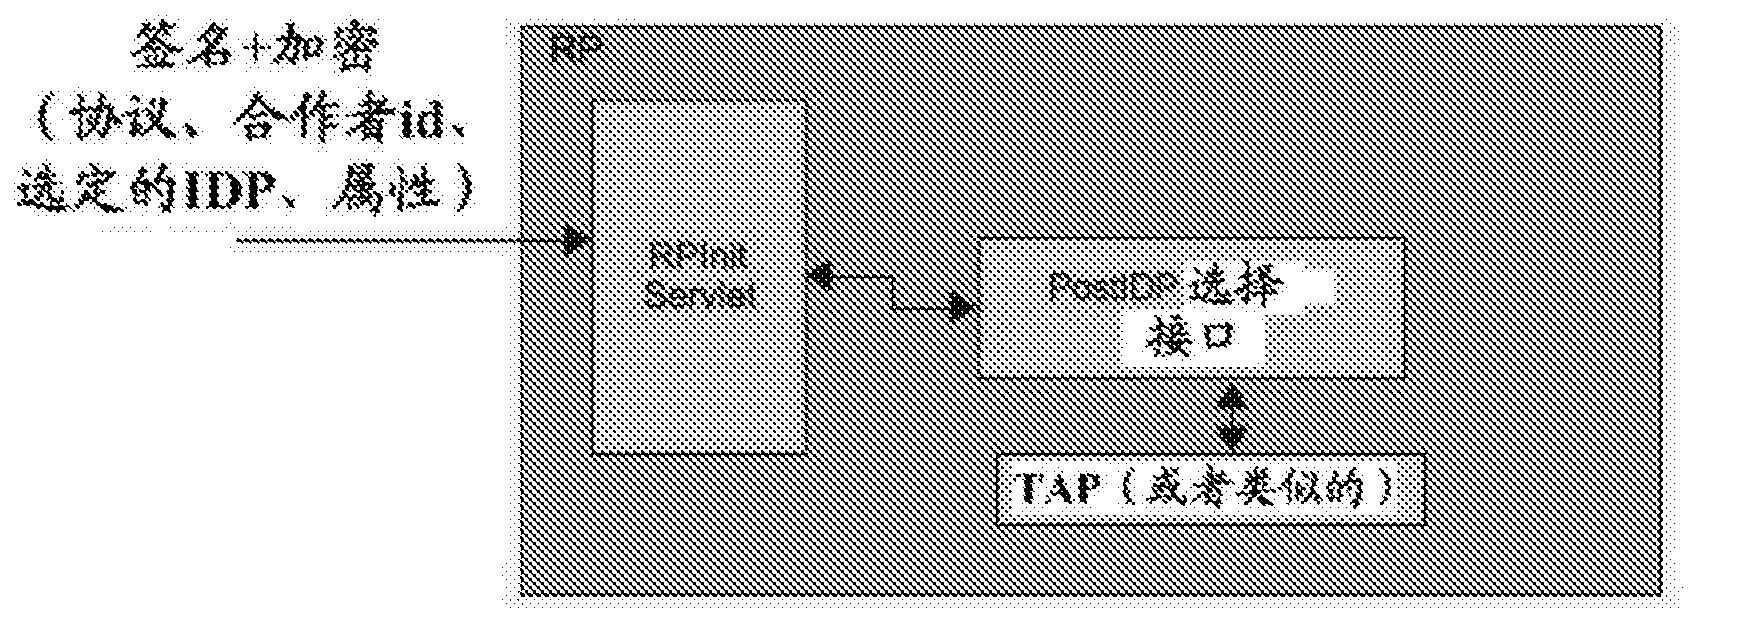 Figure CN104255007BD00642